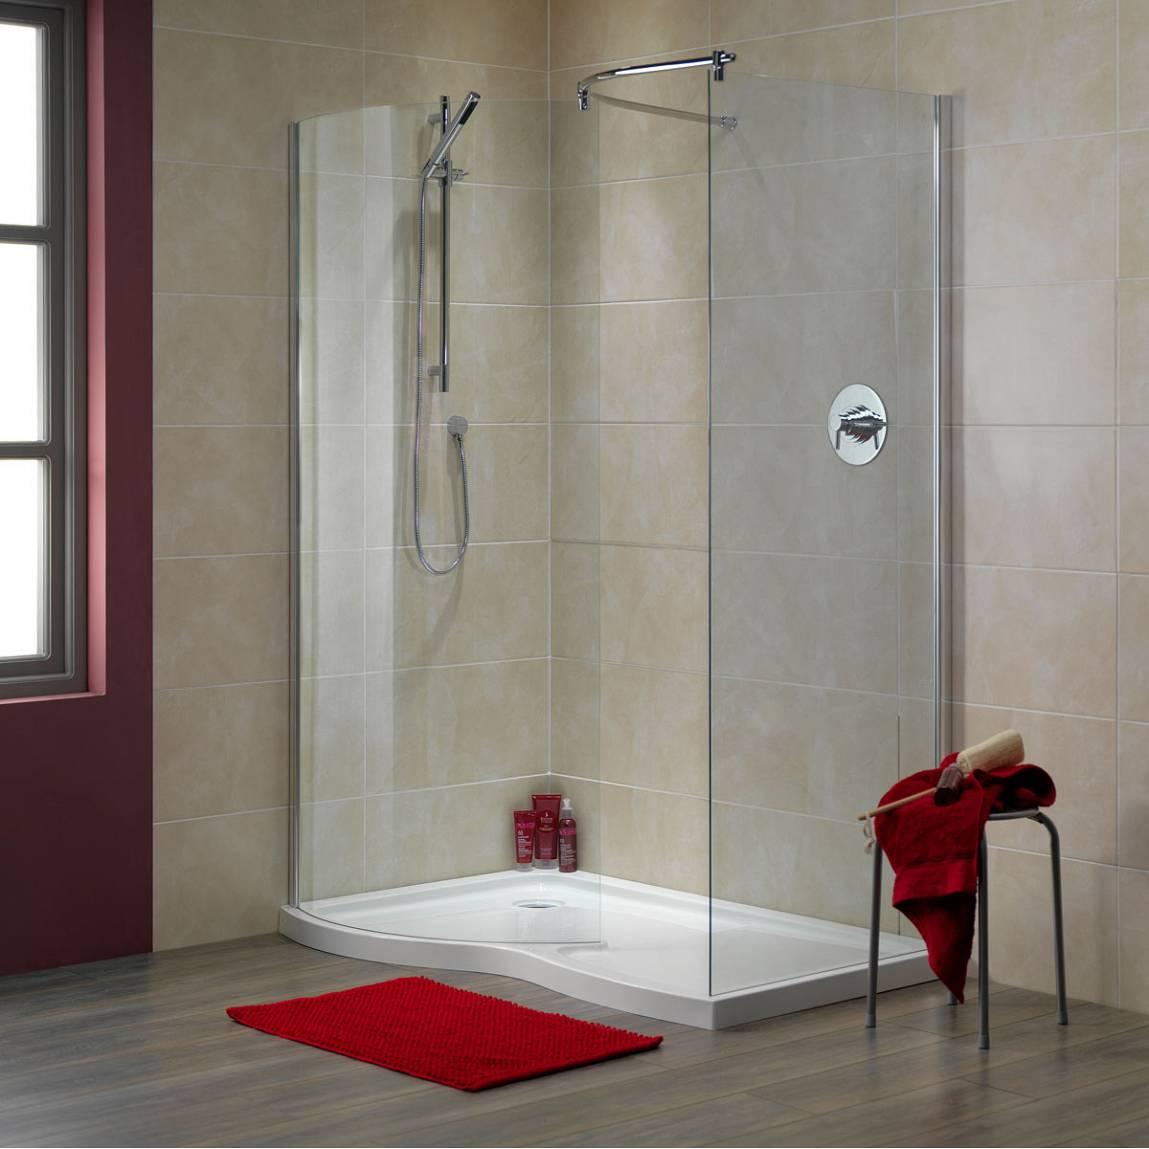 Tuš kabine koje ćete poželjeti u svojoj kupaonici  Uredite Dom